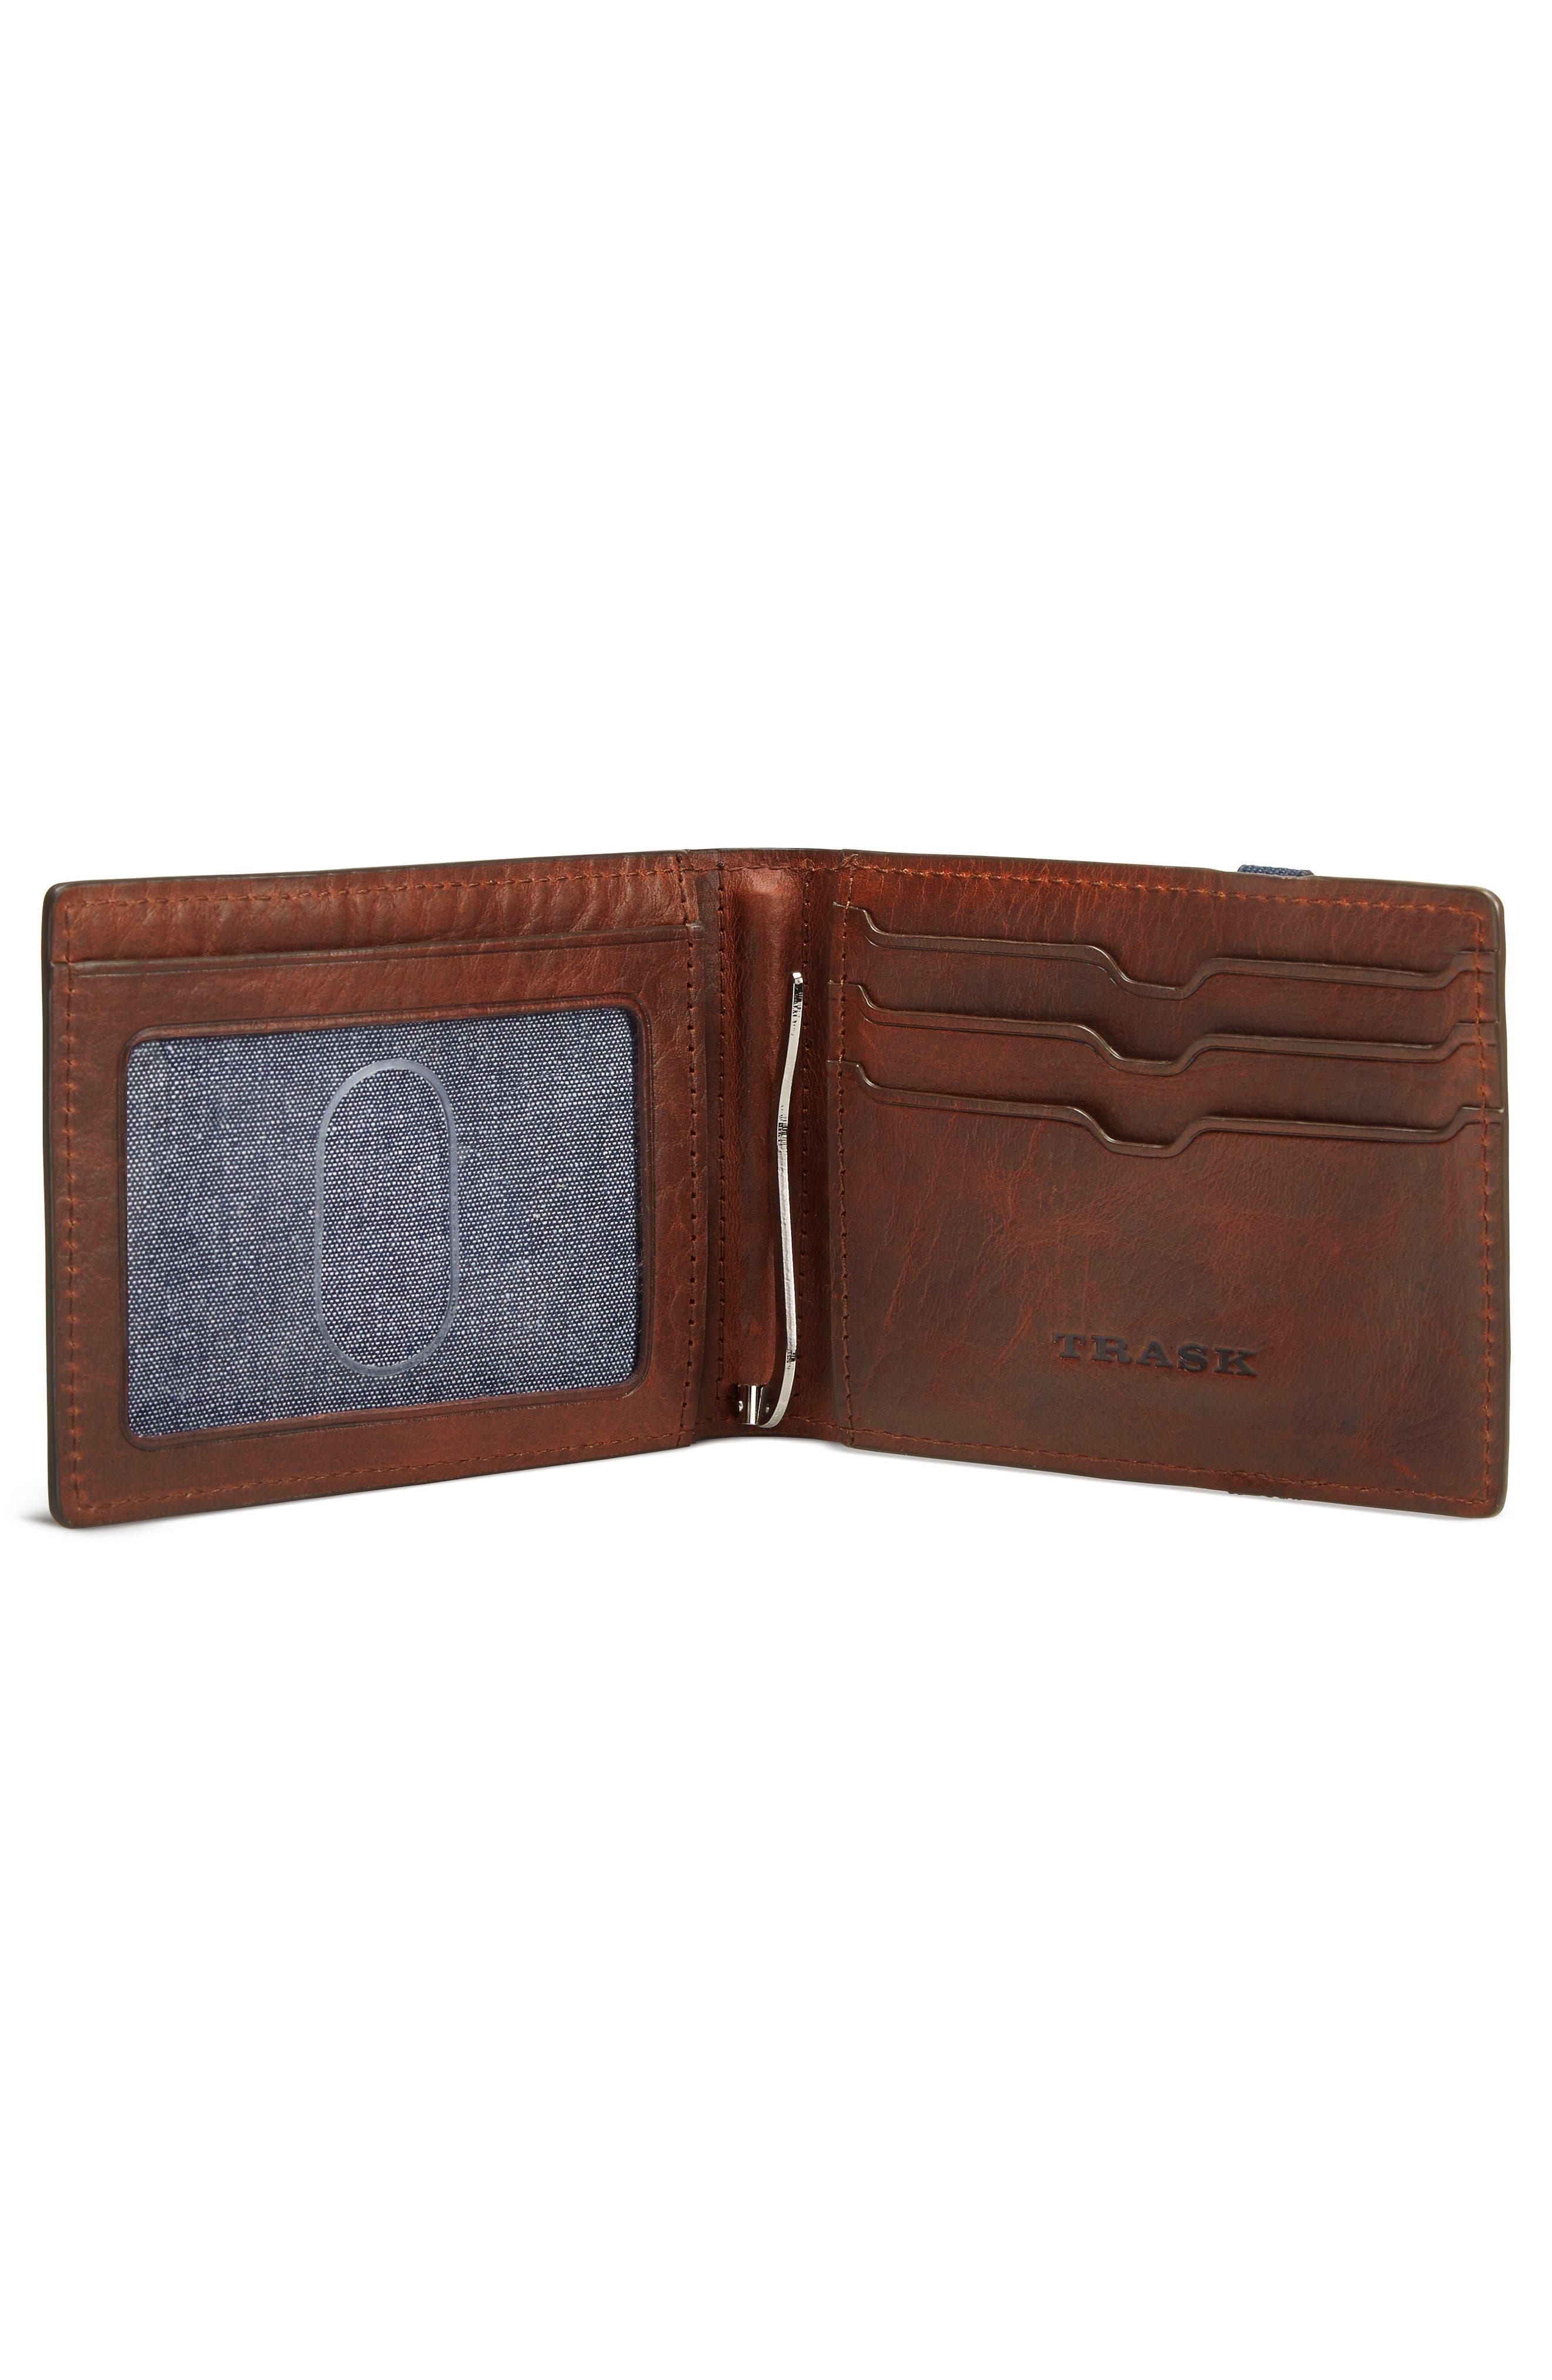 Leather Money Clip Wallet,                             Alternate thumbnail 2, color,                             211